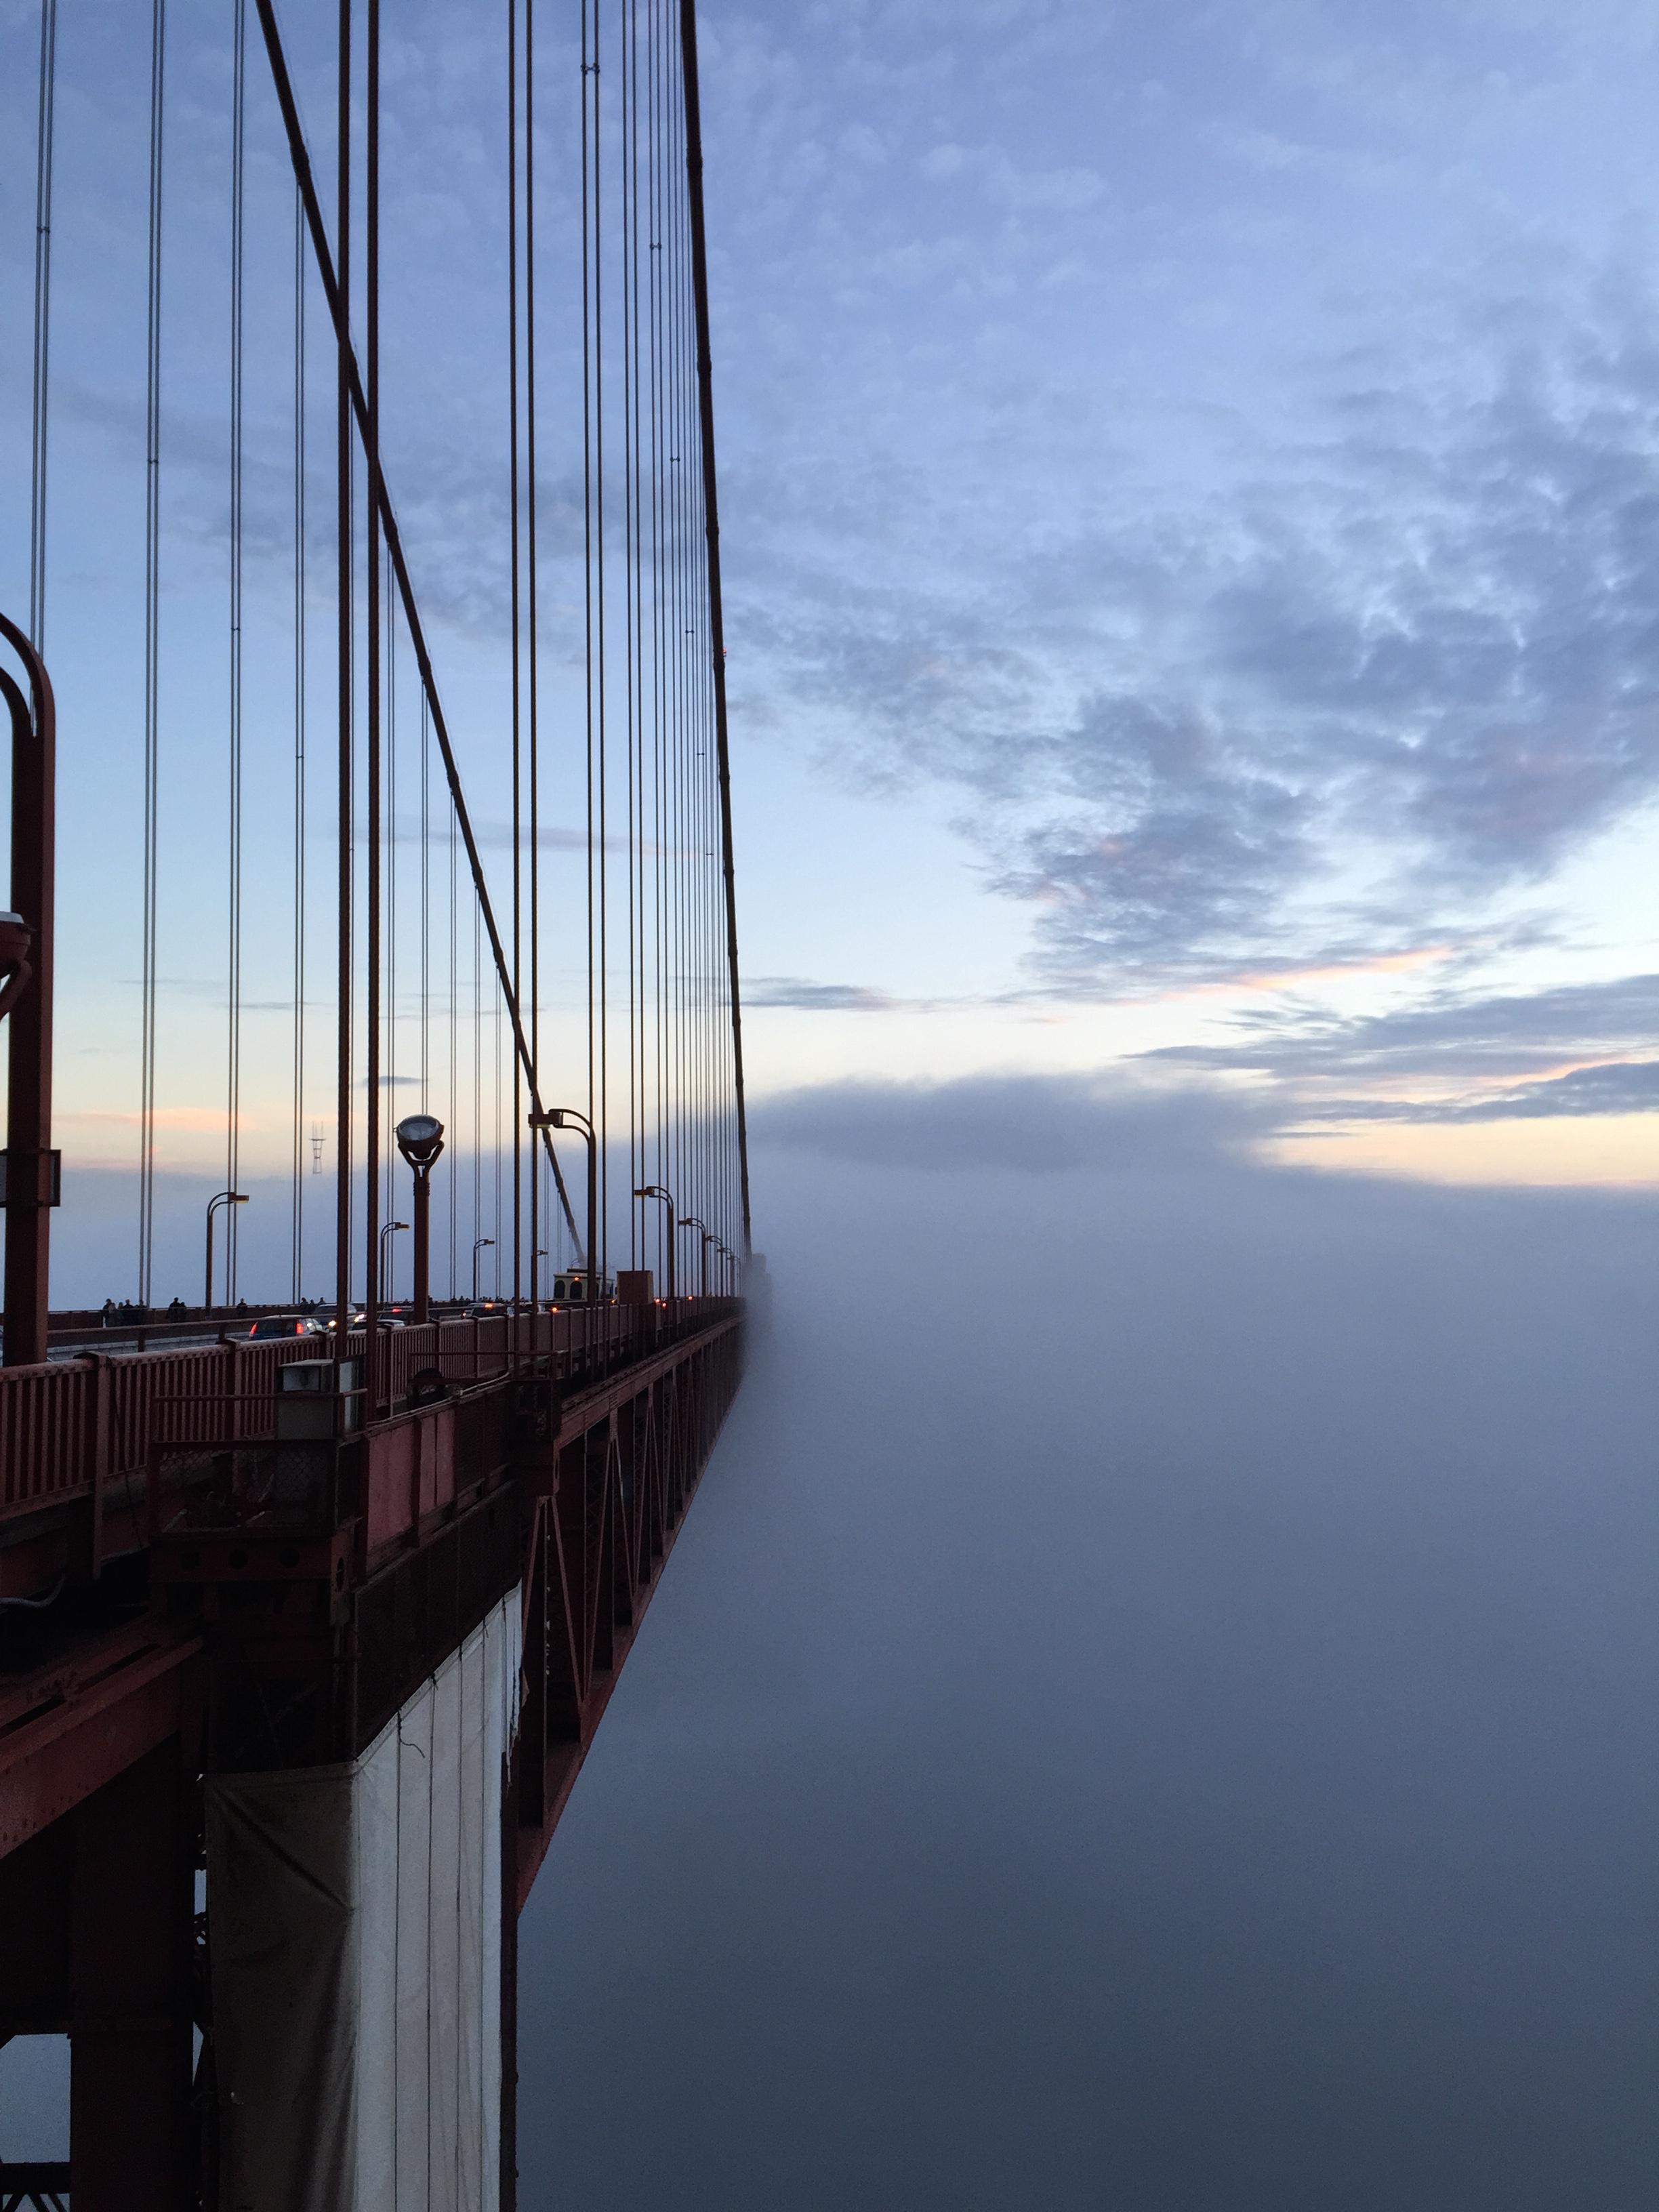 The Golden Gate Bridge, San Francisco, CA.